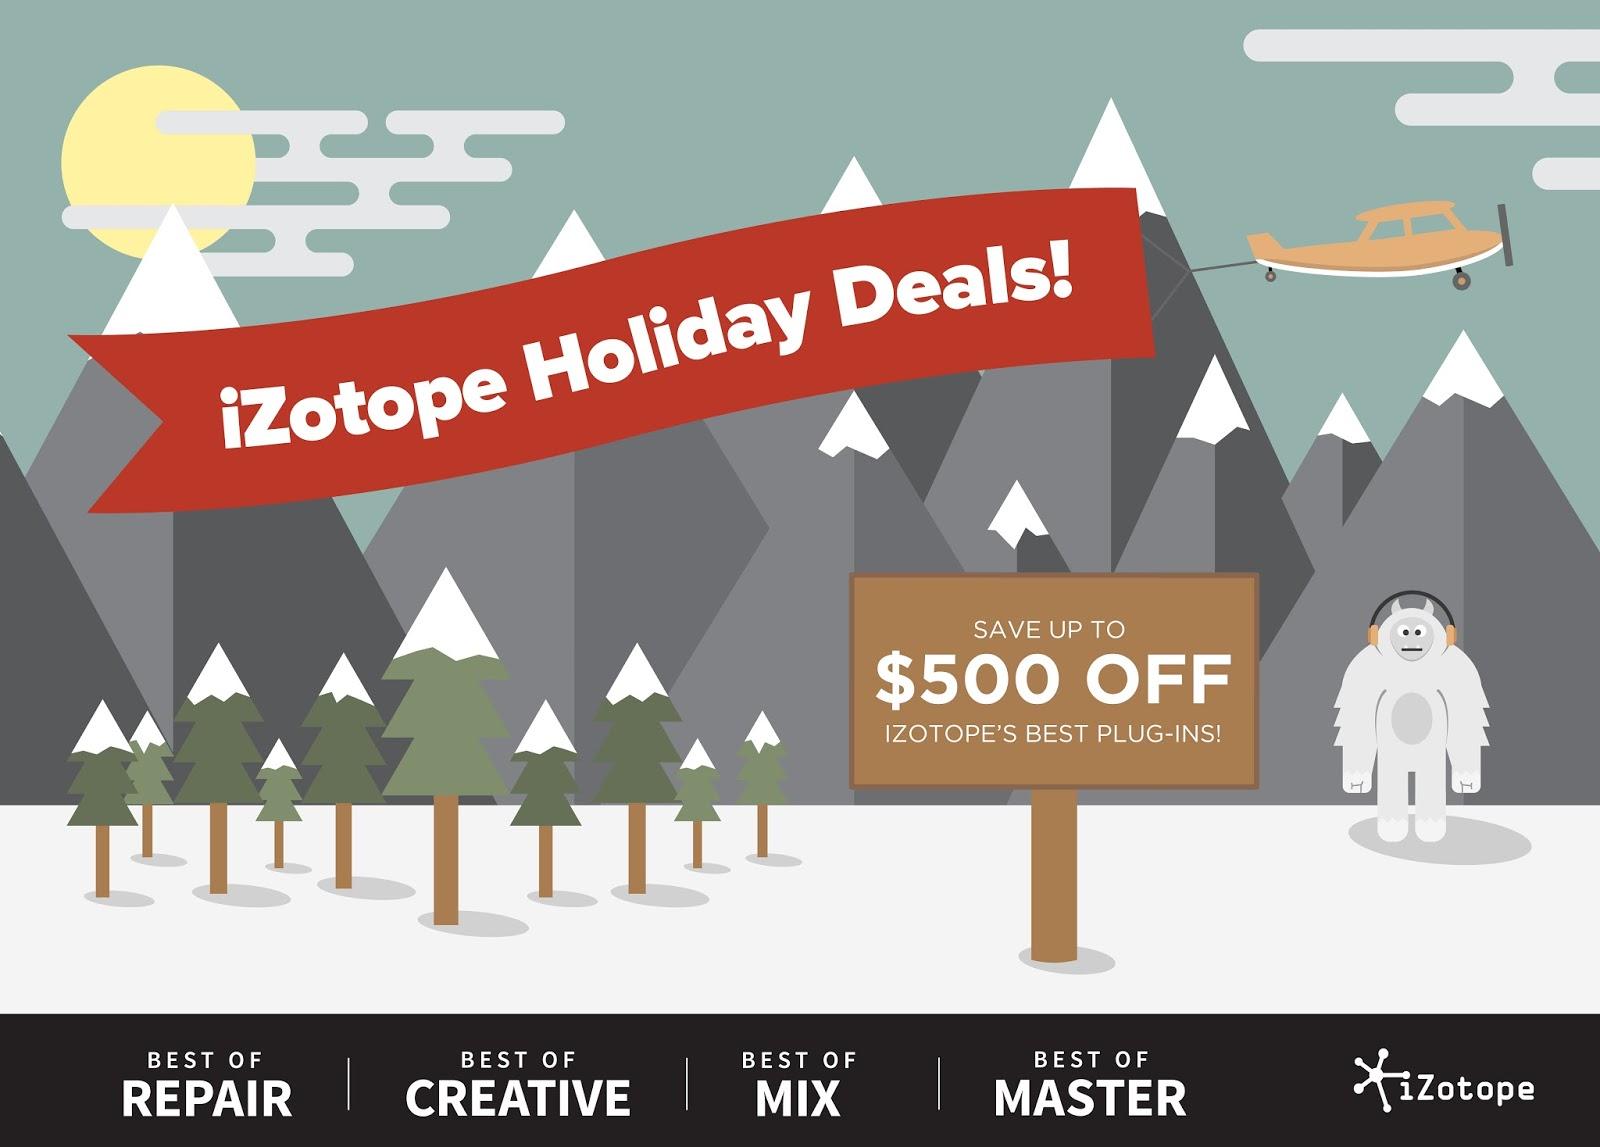 Izotope deals - Average harley rider deals gap